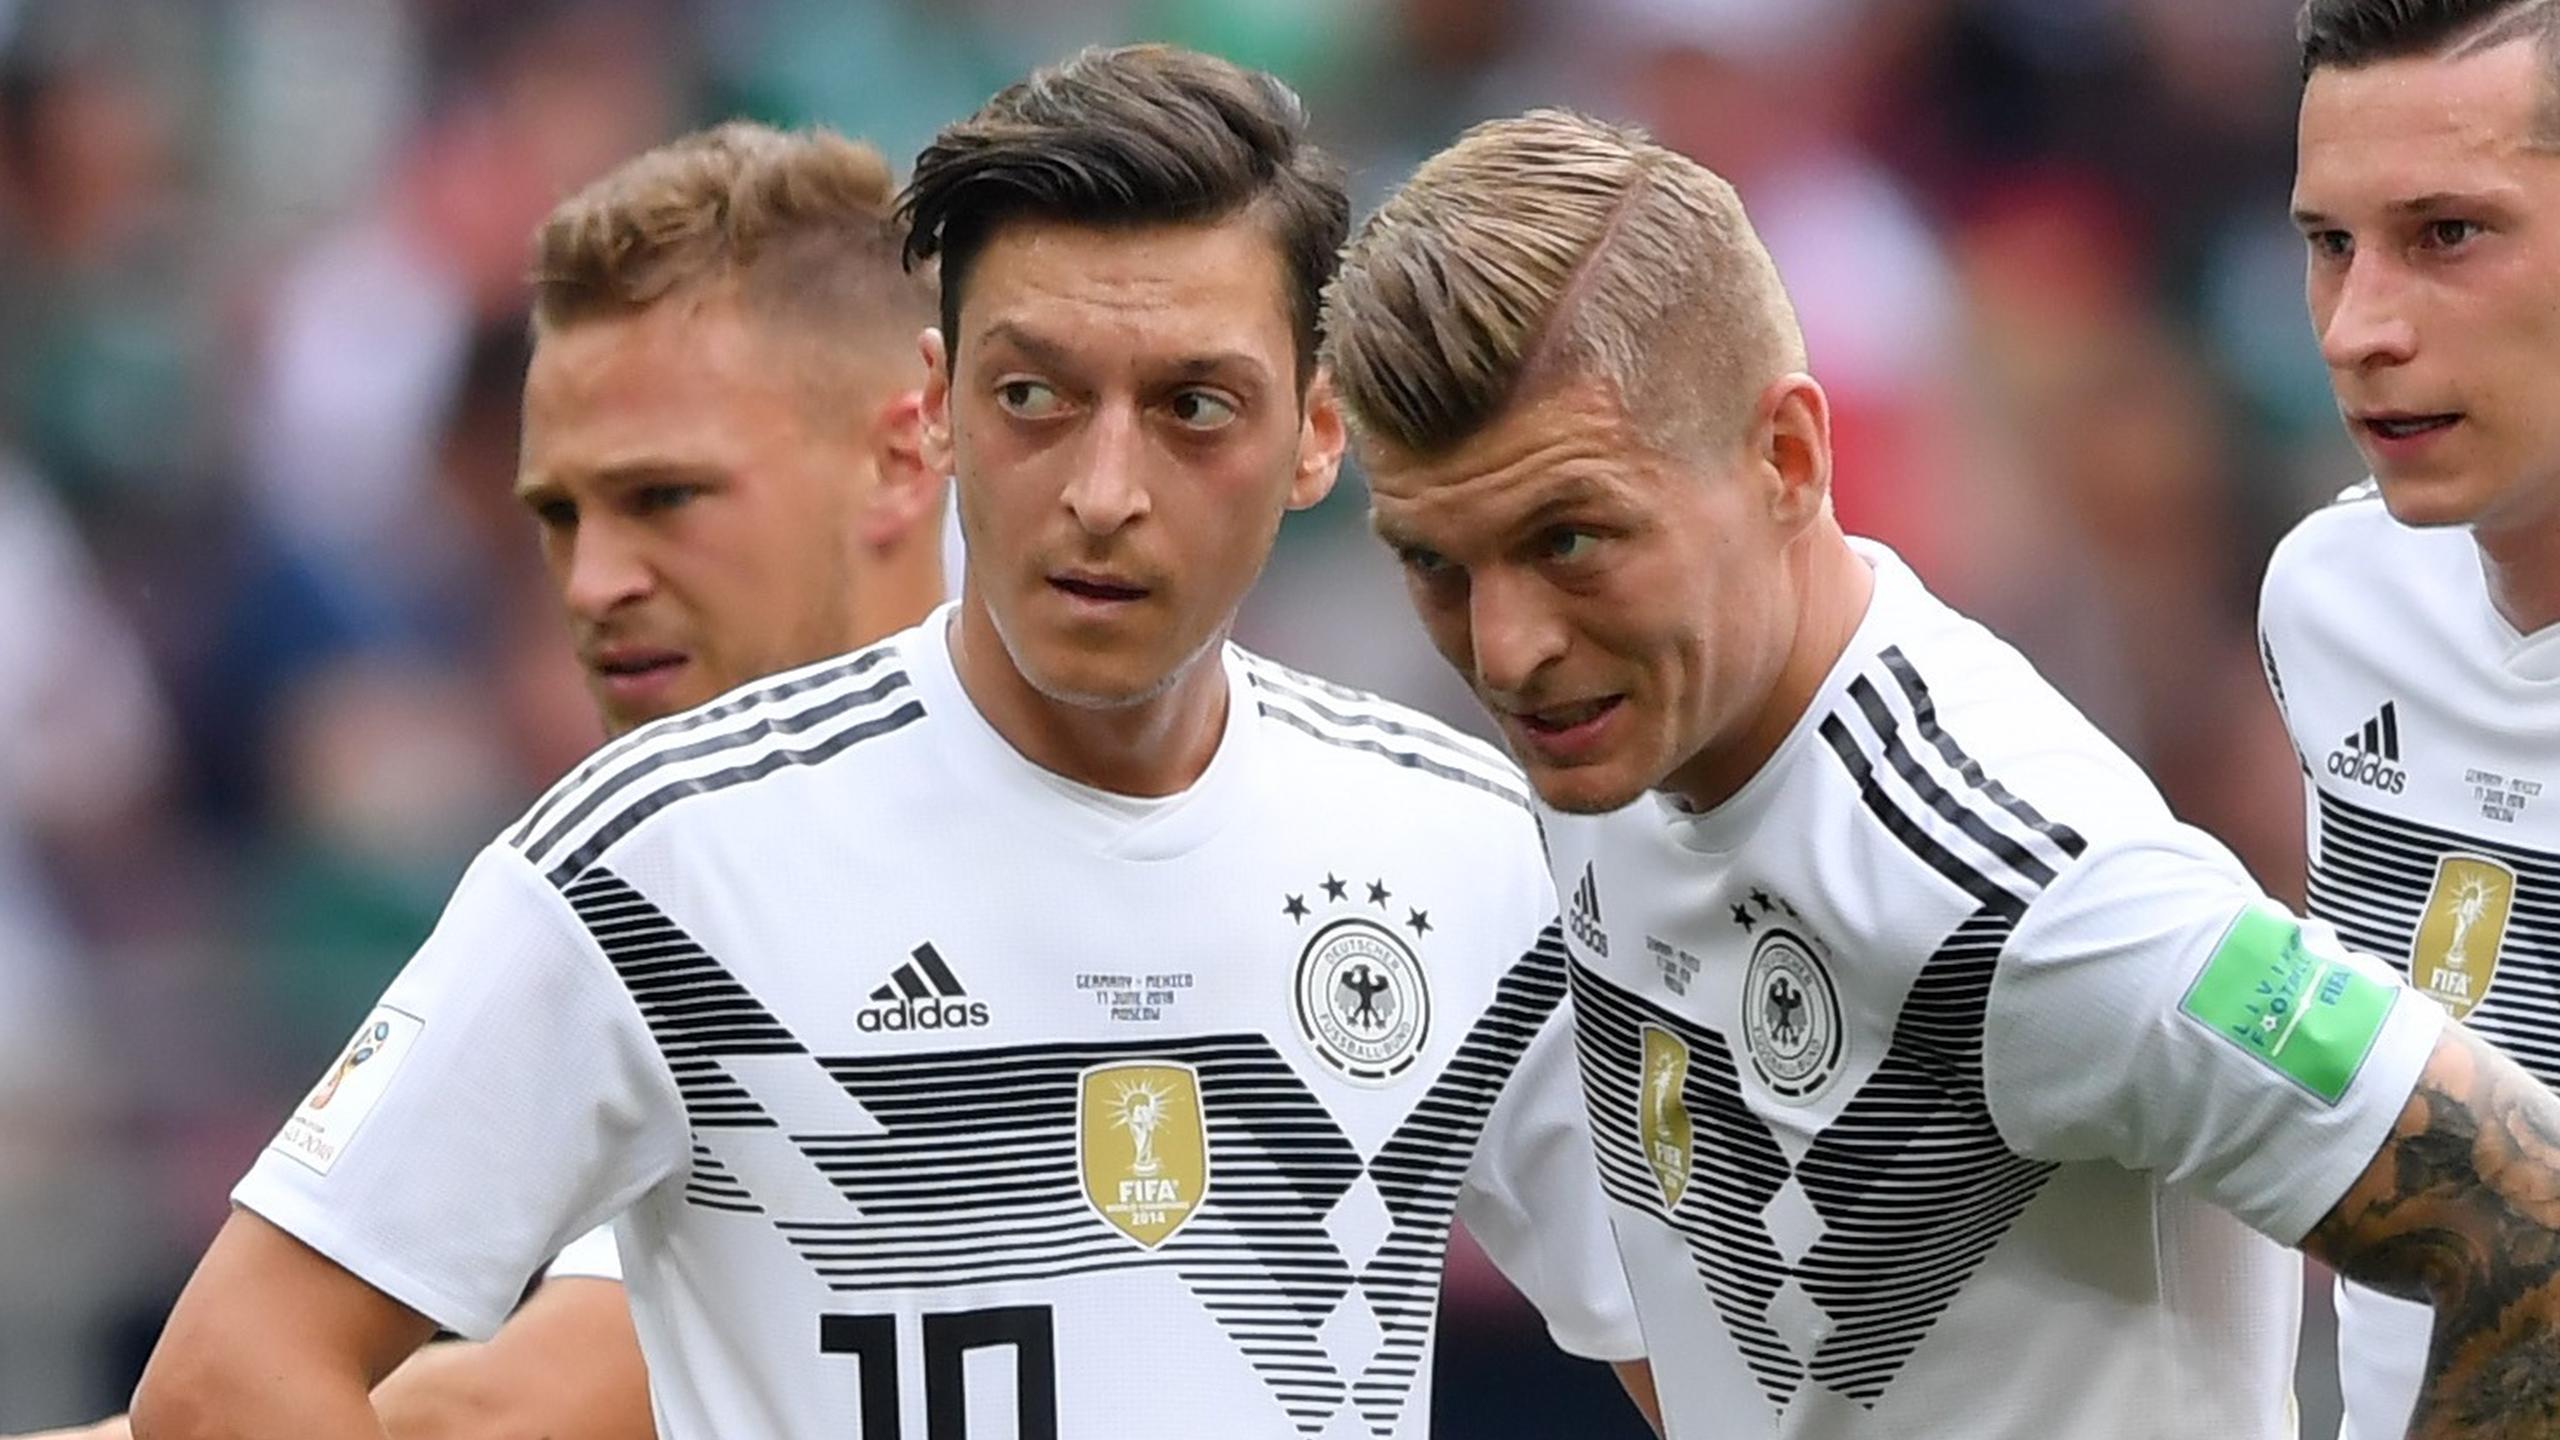 Toni Kroos recuerda cuando fue llamado nazi en redes sociales por criticar el retiro de Özil de la selección